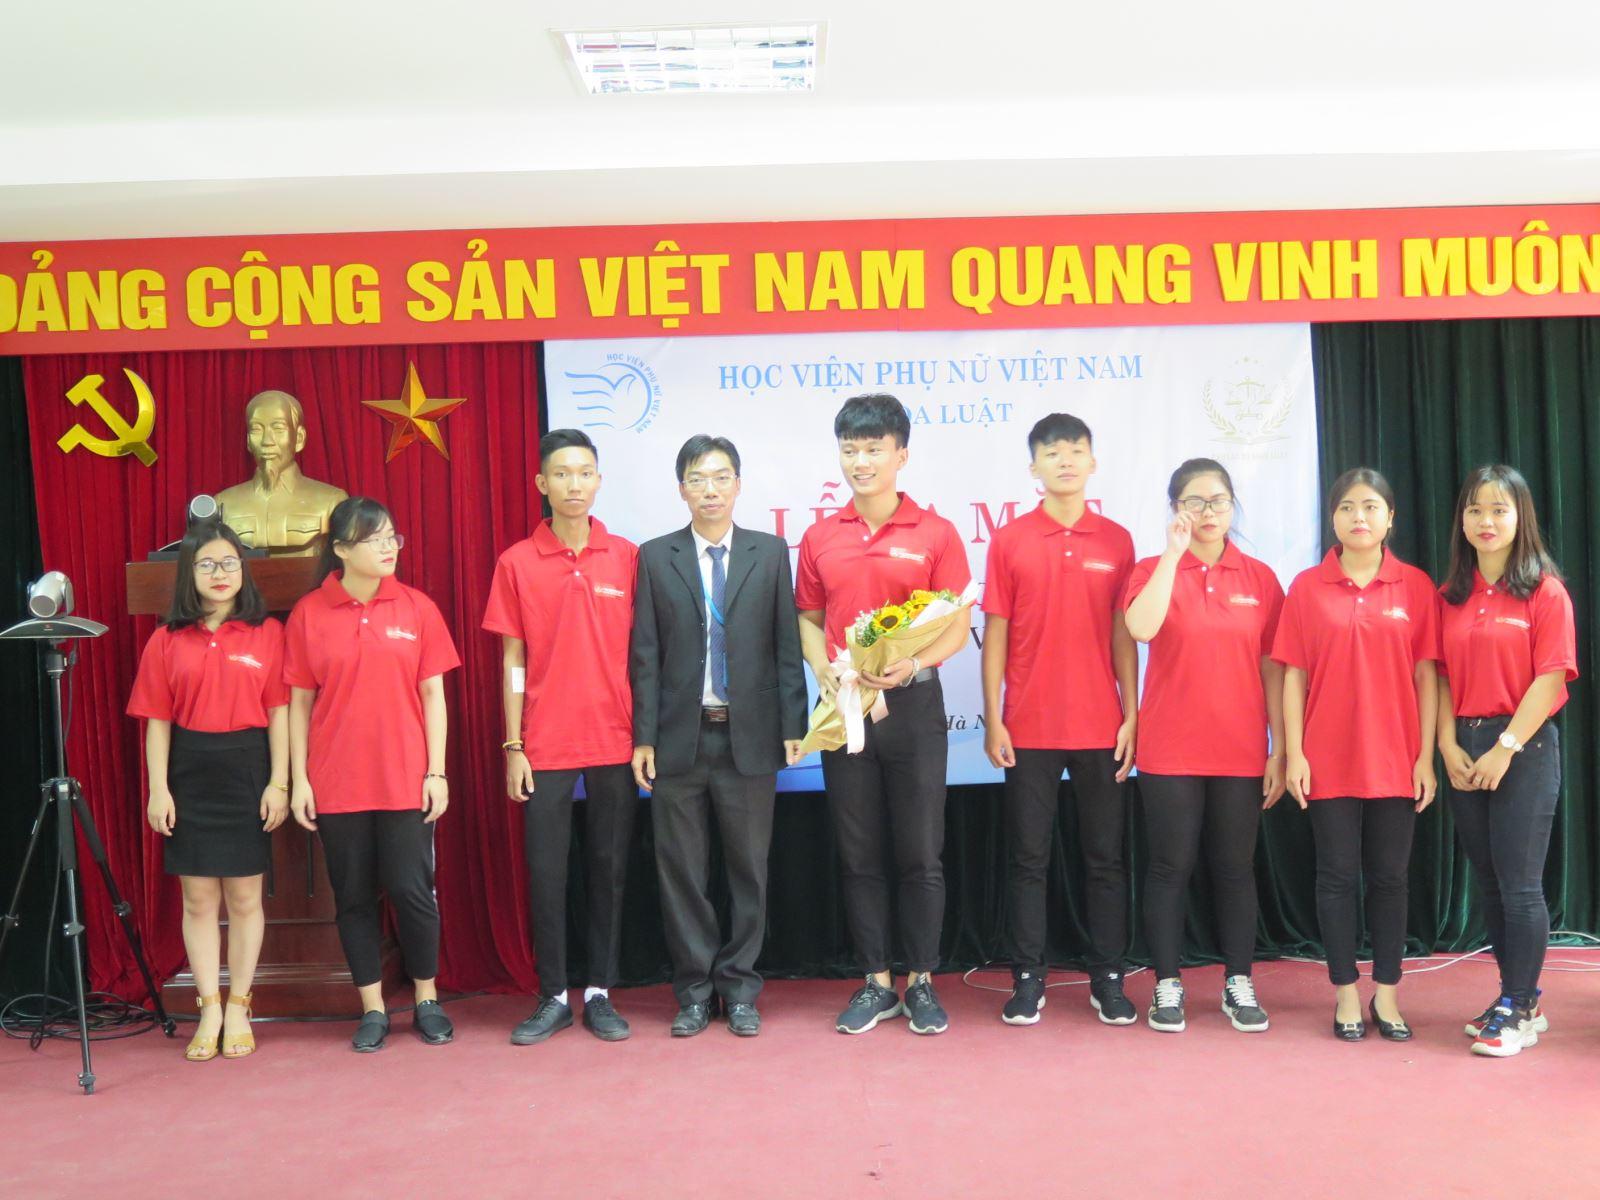 Sự kiện ra mắt Câu lạc bộ nghề Luật, Học viện Phụ nữ Việt Nam